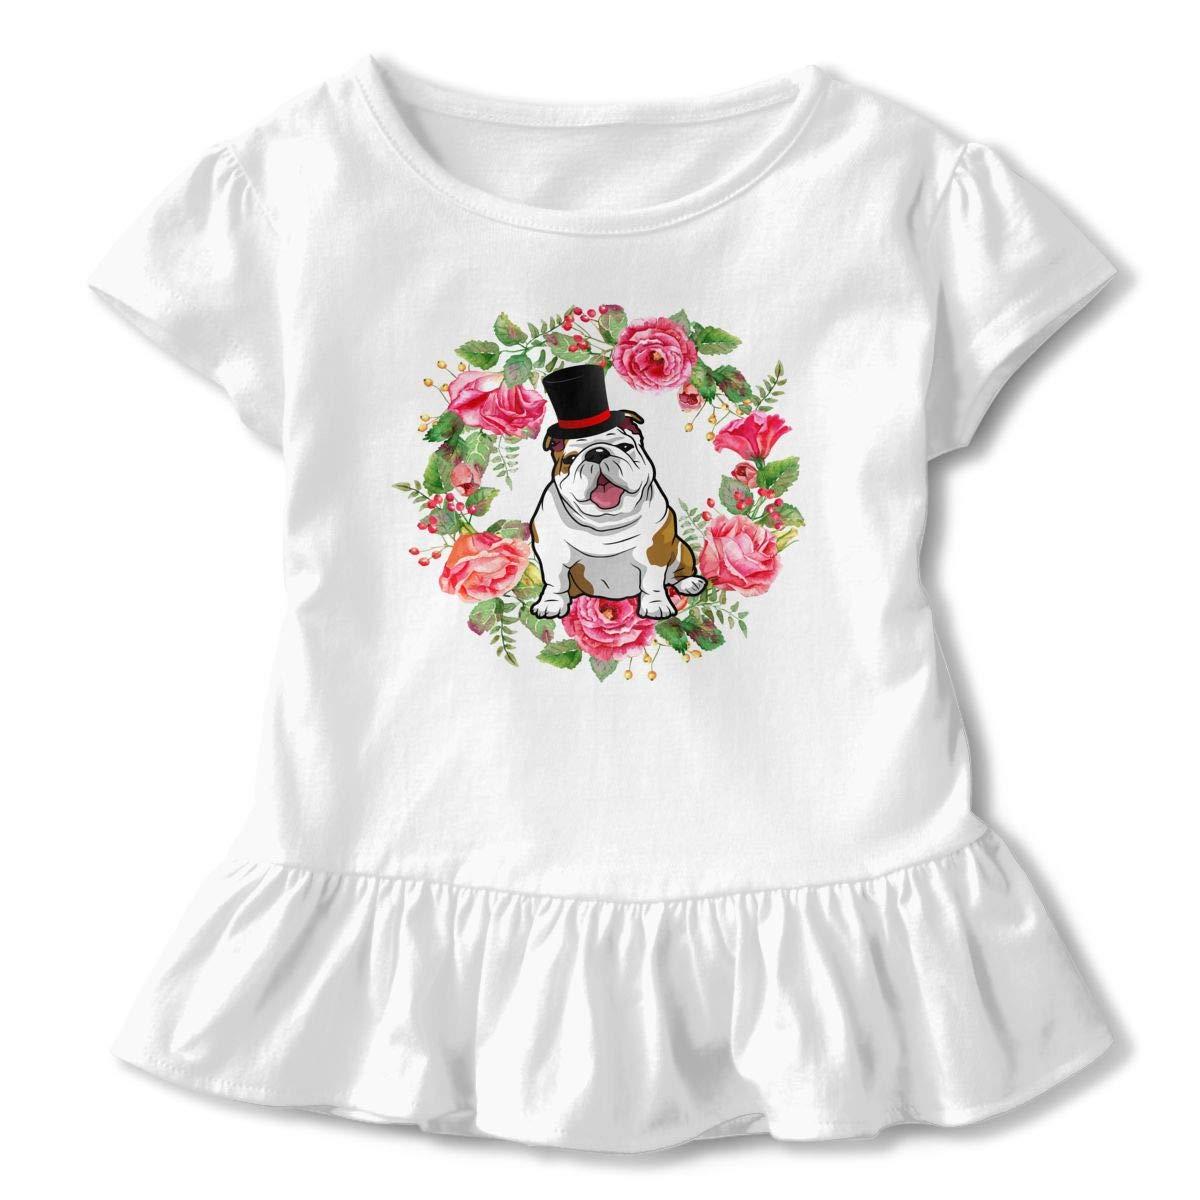 Cheng Jian Bo Funny Bulldog Toddler Girls T Shirt Kids Cotton Short Sleeve Ruffle Tee